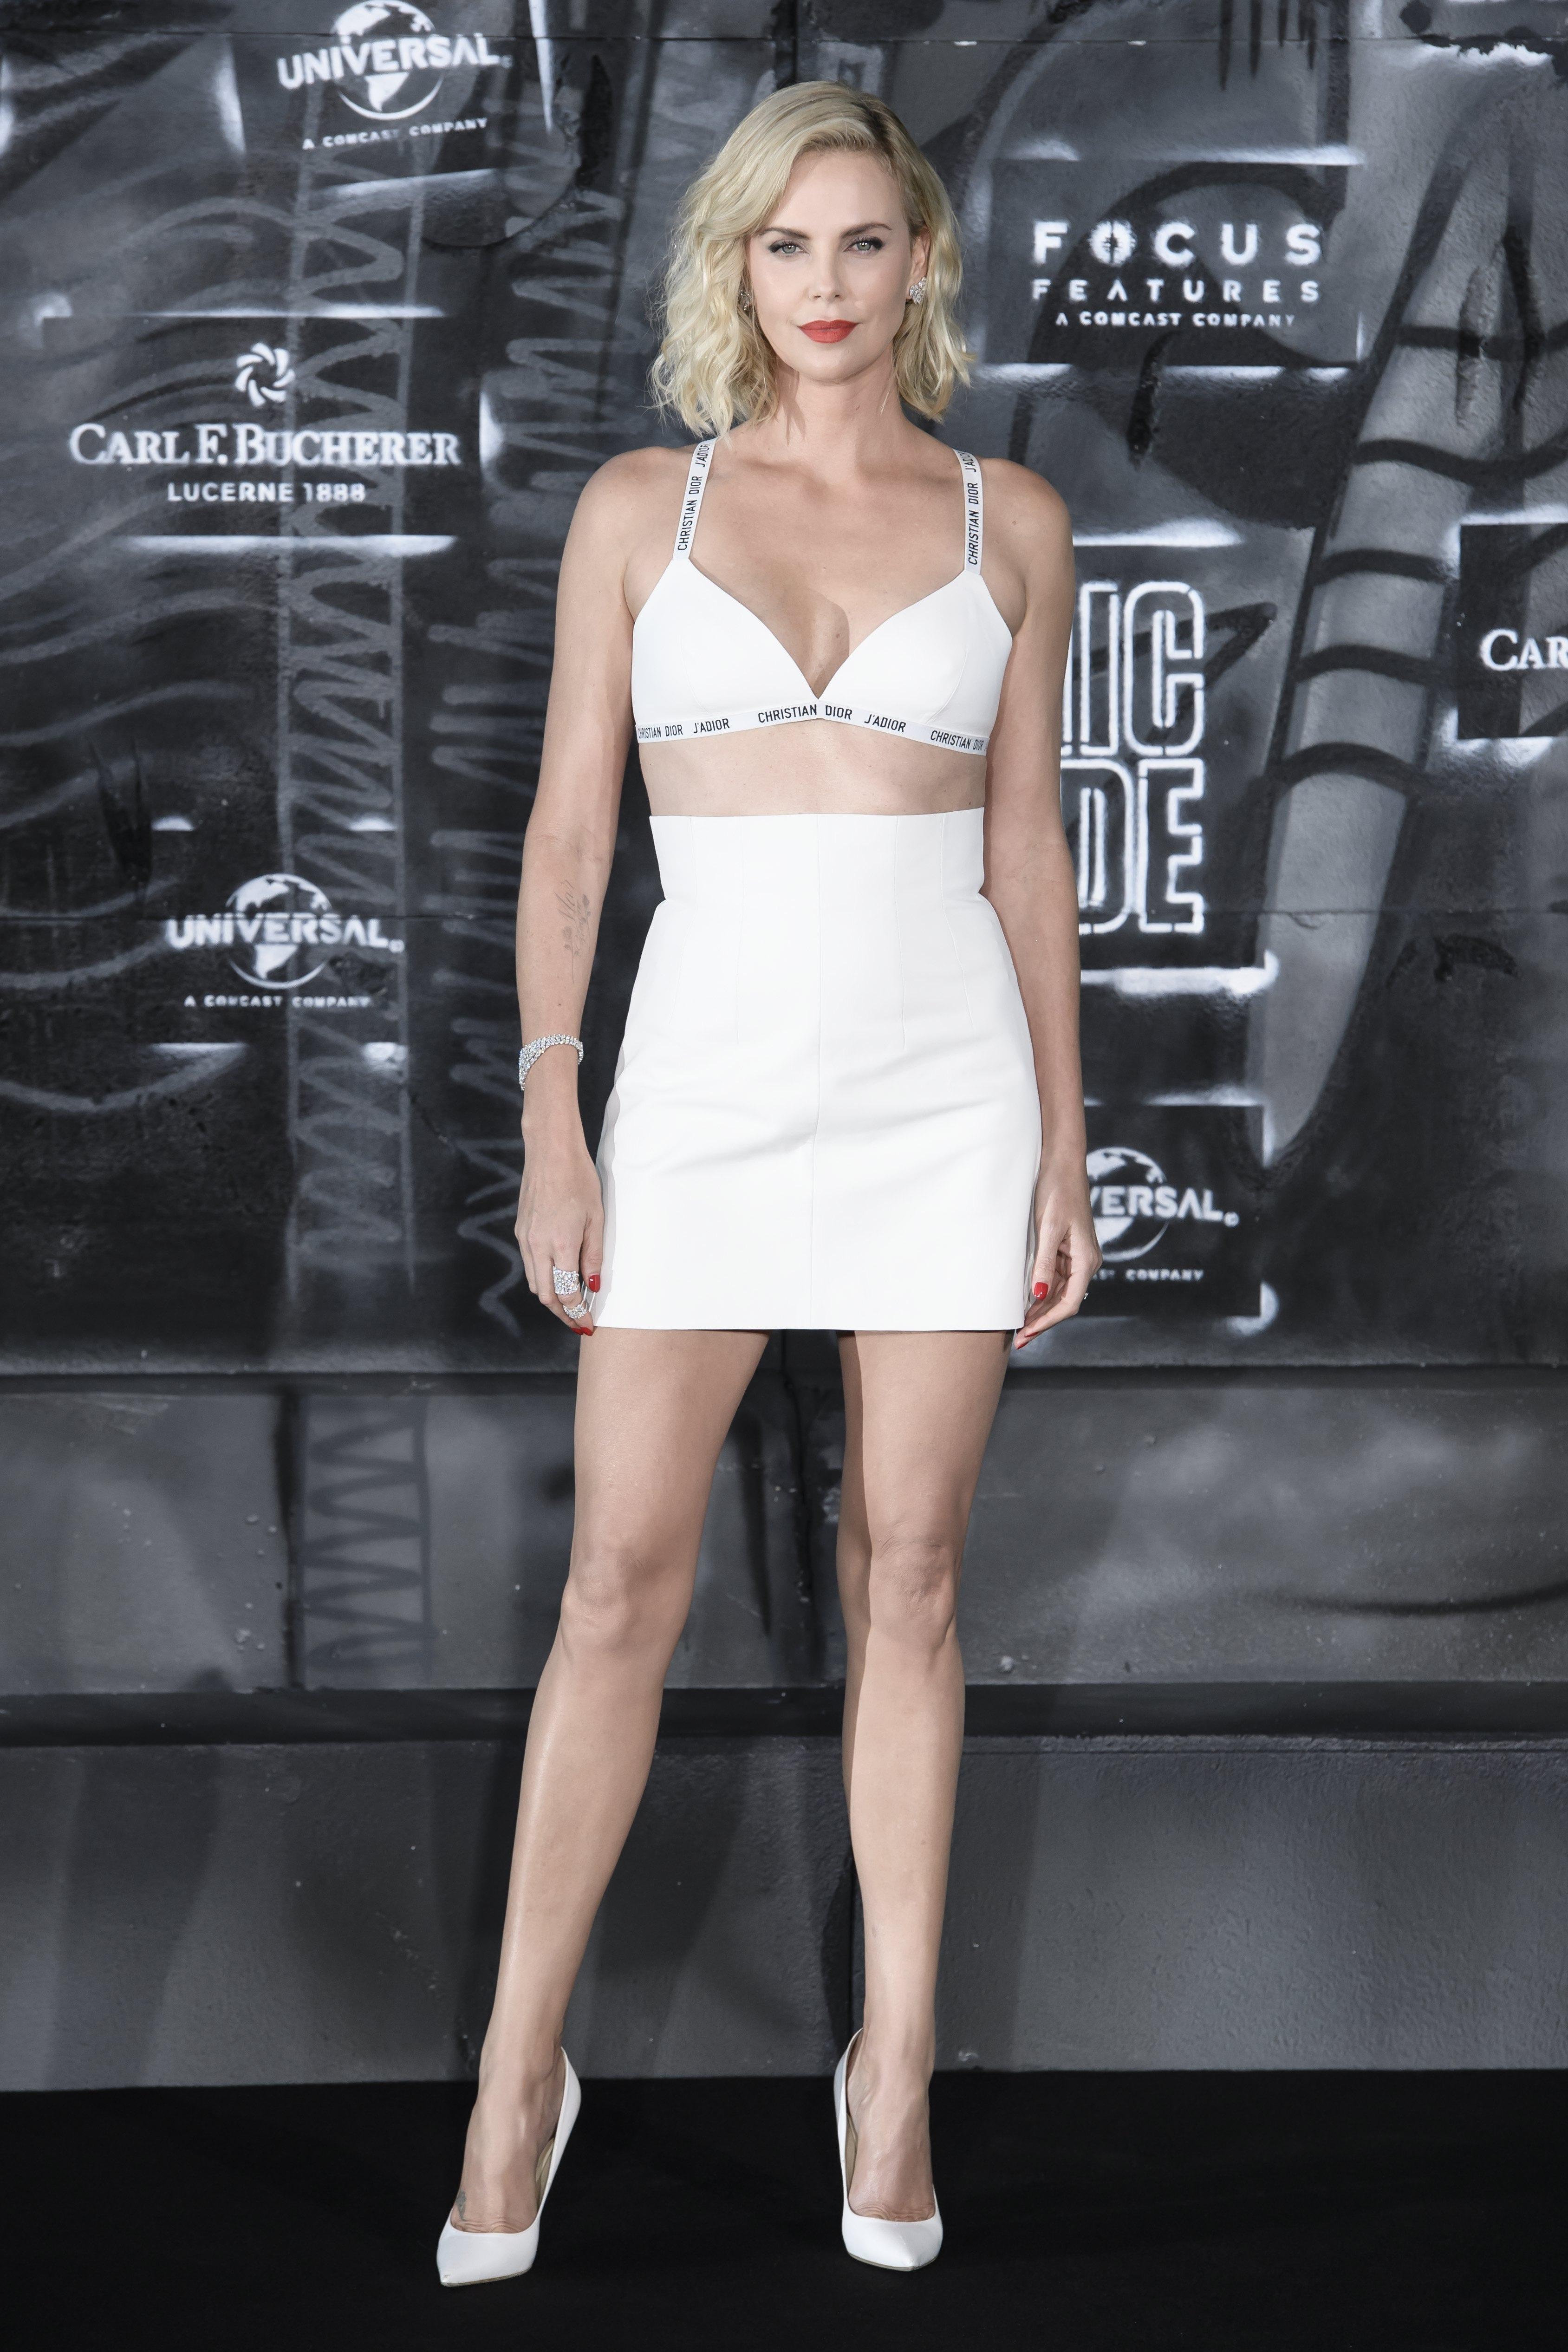 """Само преди 2 дни се проведе премиерата на екшън филма """"Атомната блондинка"""", но днес кино критиците не коментират лентата, а появата на холивудската звезда Чарлийз Терон на червения килим. 41-годишната актриса се появи по къса бяла пола и сутиен, брандиран с """"Диор"""" и обра овациите с перфектното си тяло и смелостта."""